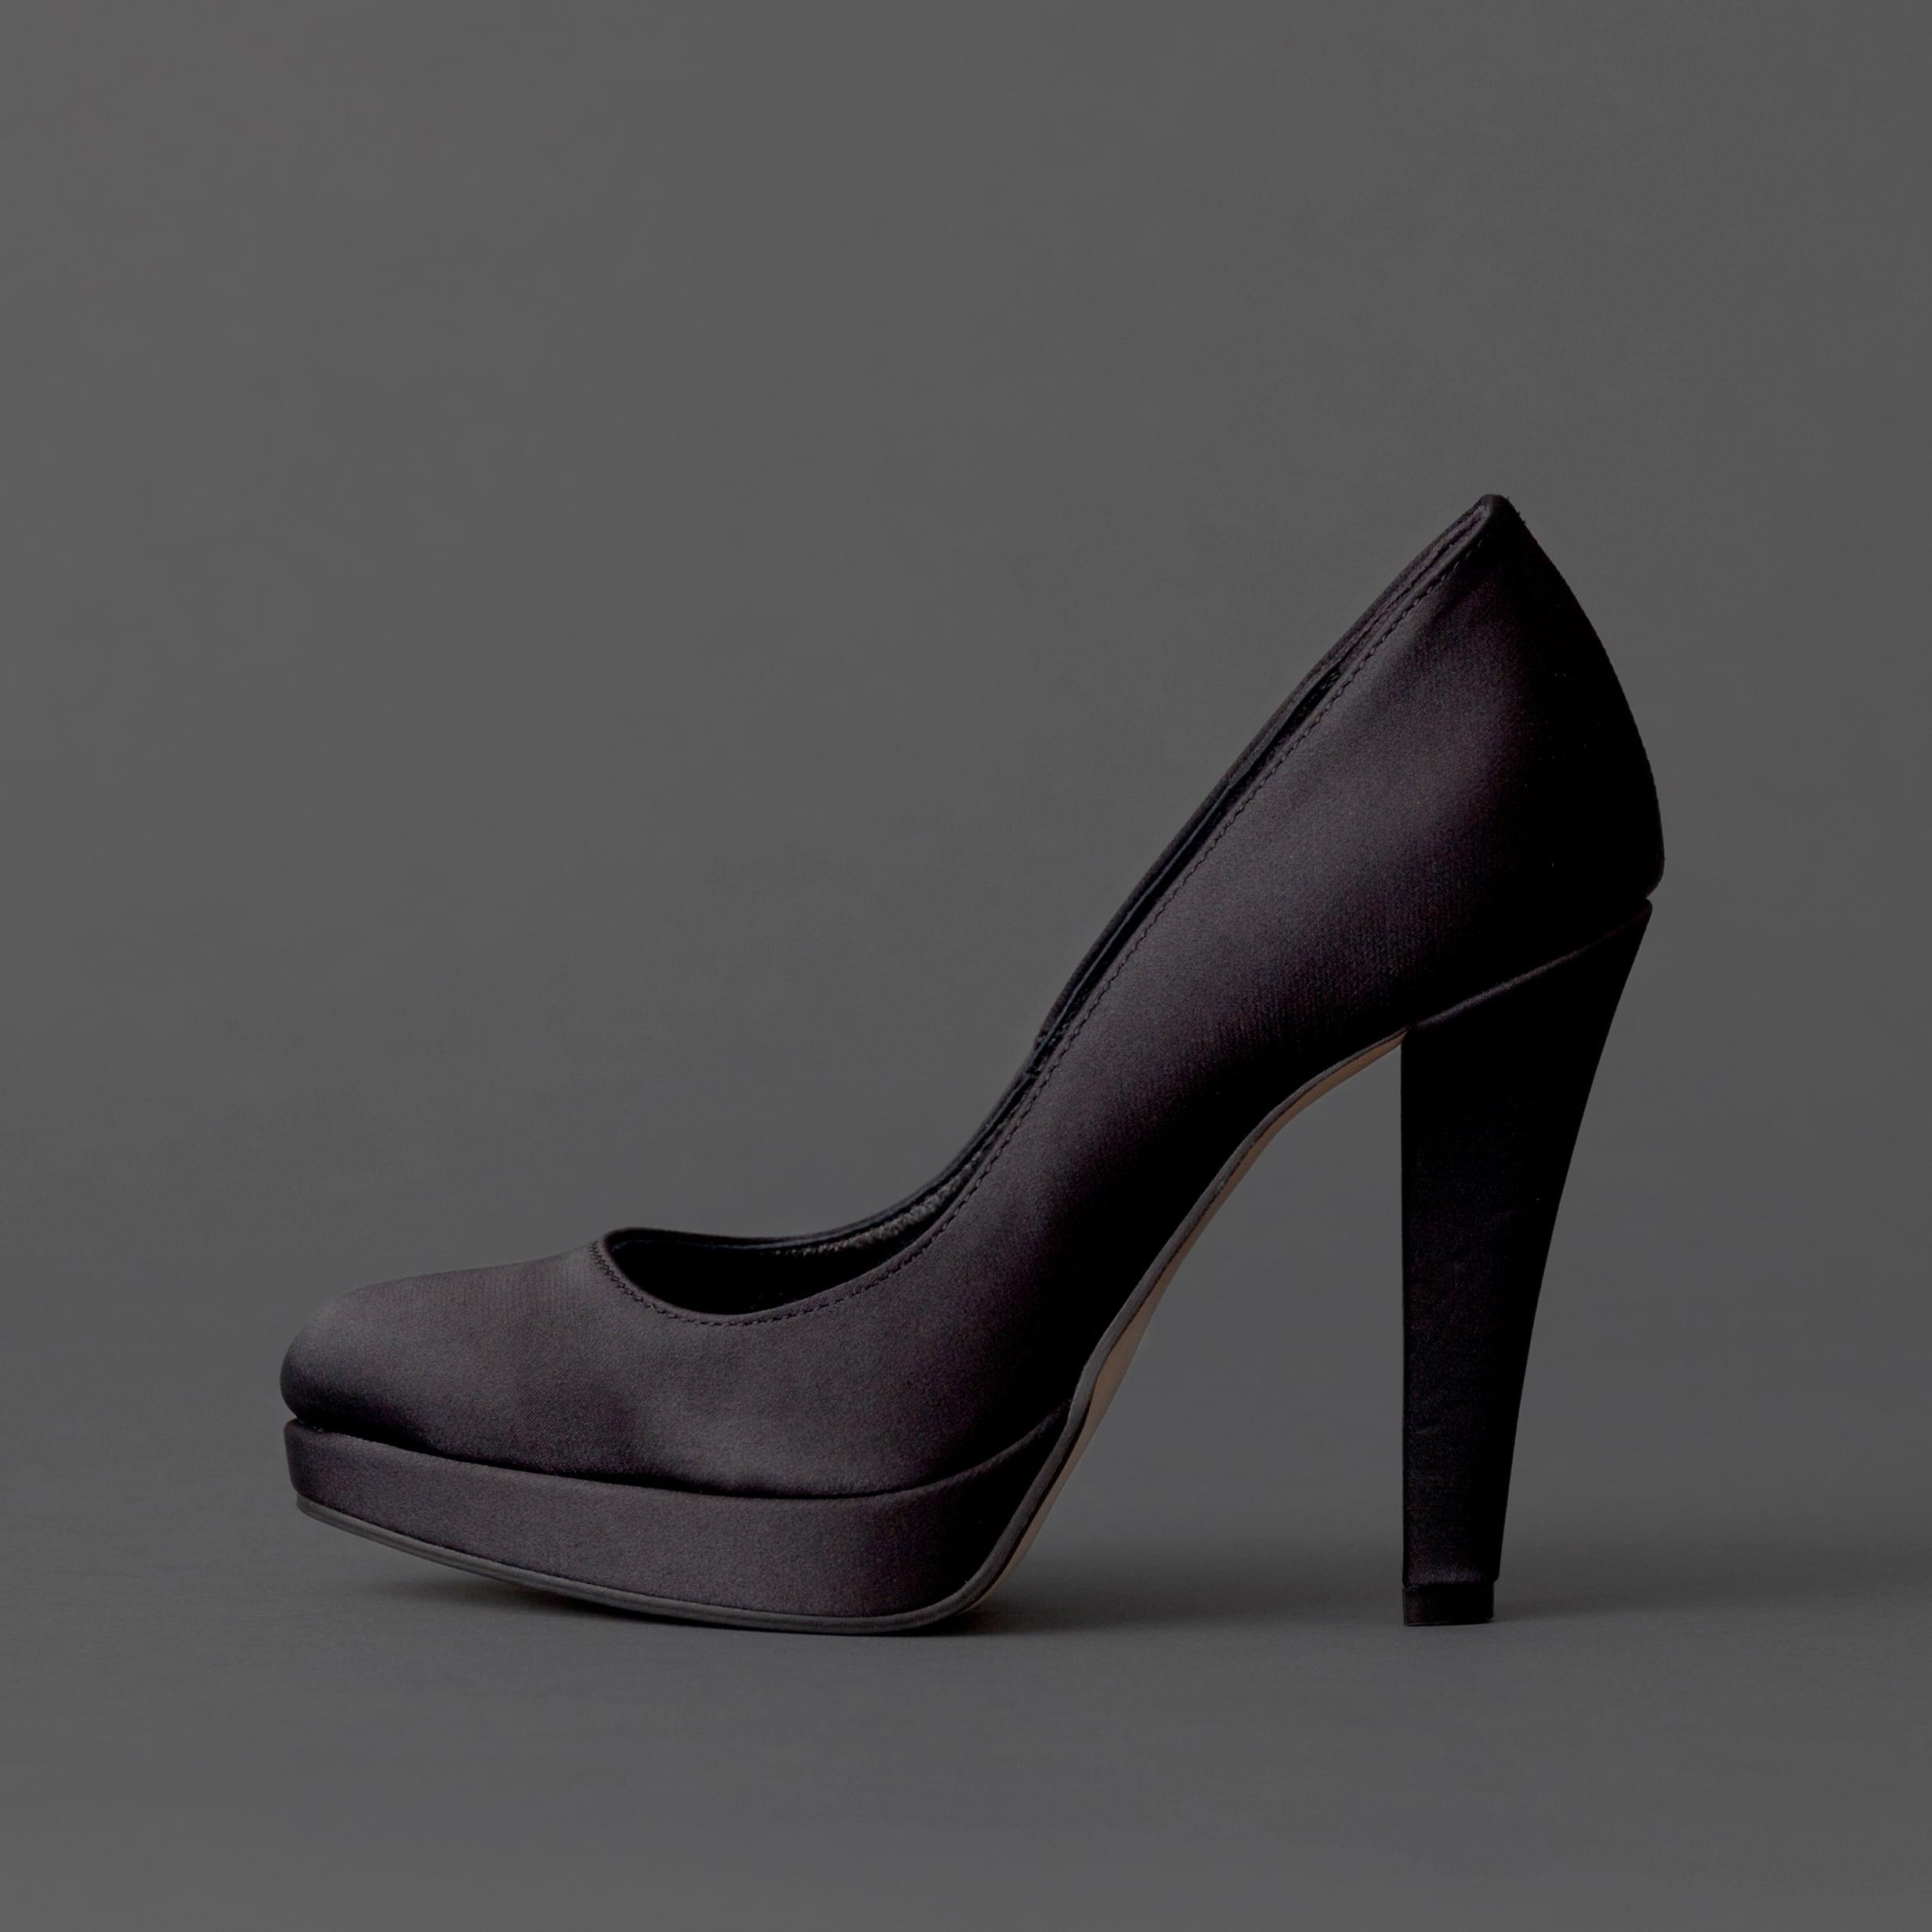 Satin / Close Toe / 12cm / BK 【1121 BK】